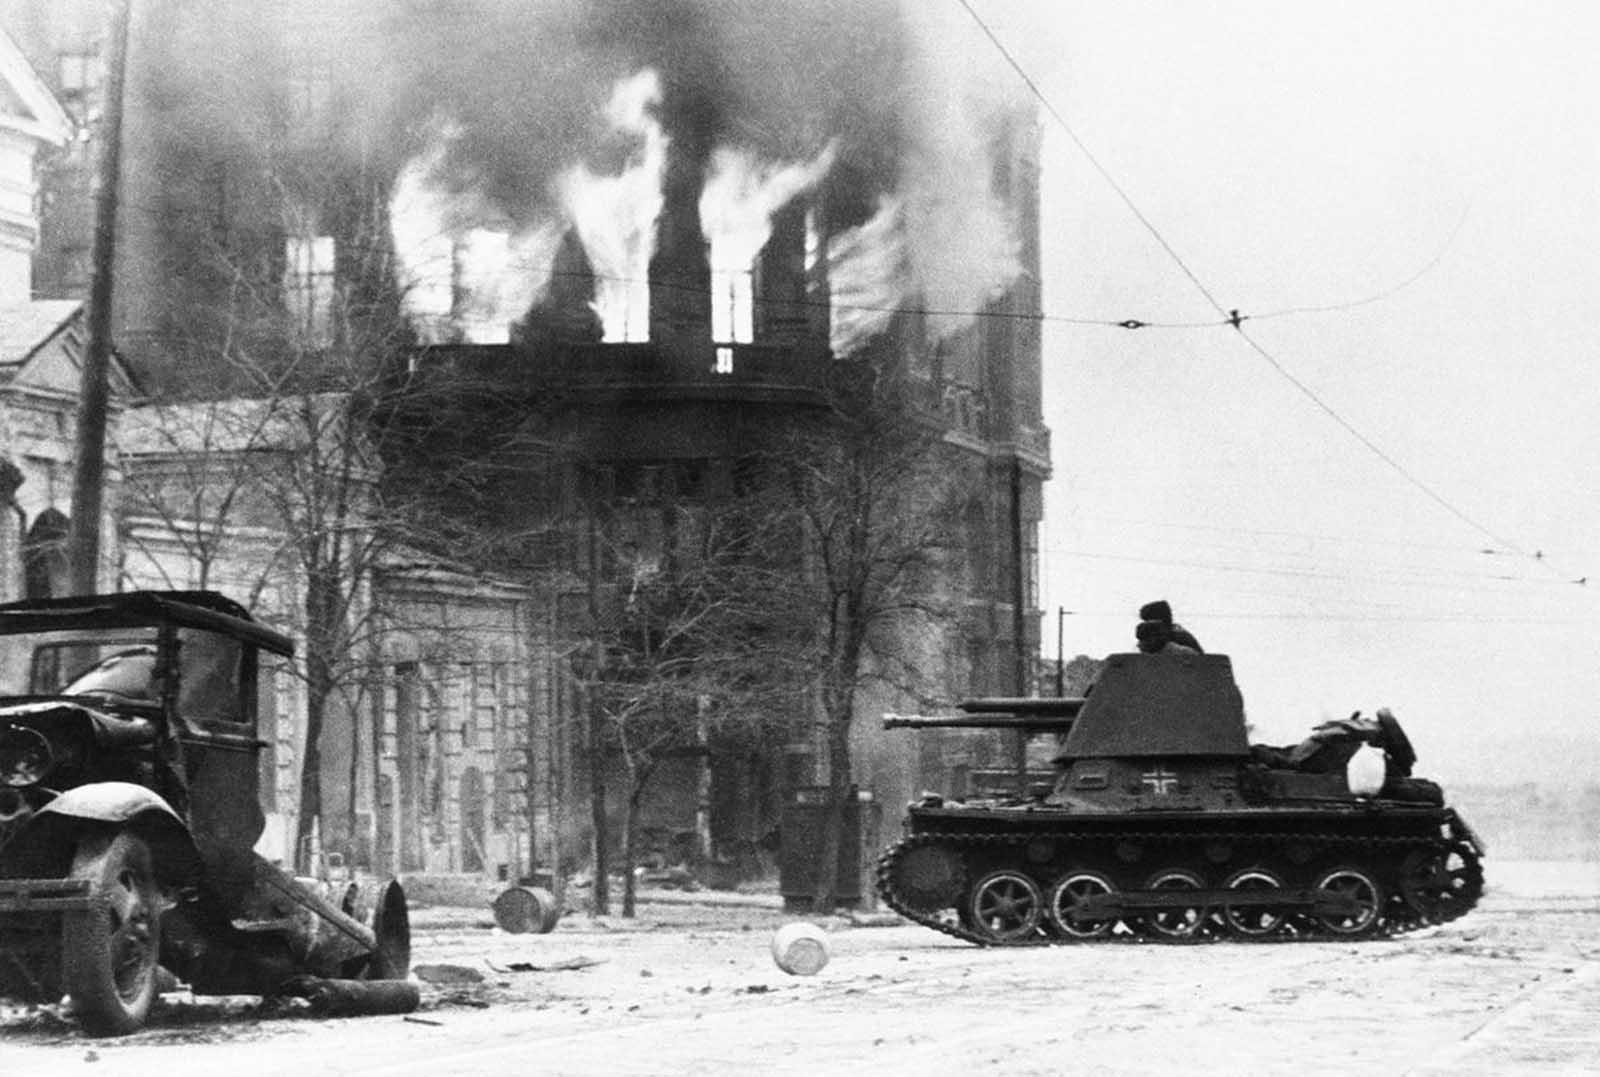 صورة لإحدى الدبابات الألمانية قرب روستوف